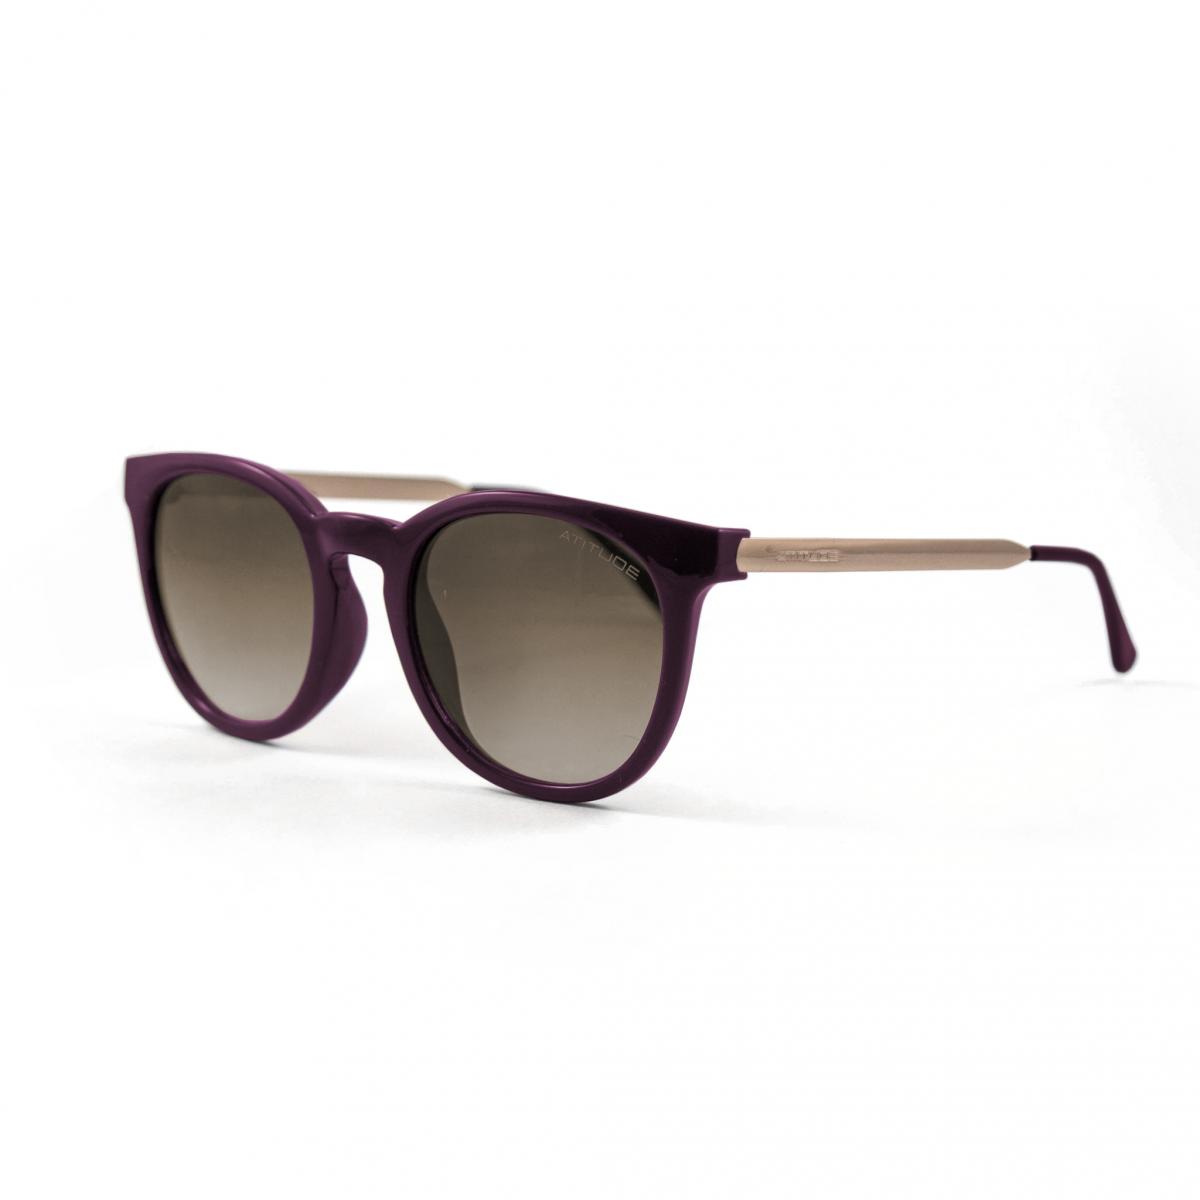 e07ef5d8d5d59 Óculos de Sol Atitude Roxo AT5220 Feminino